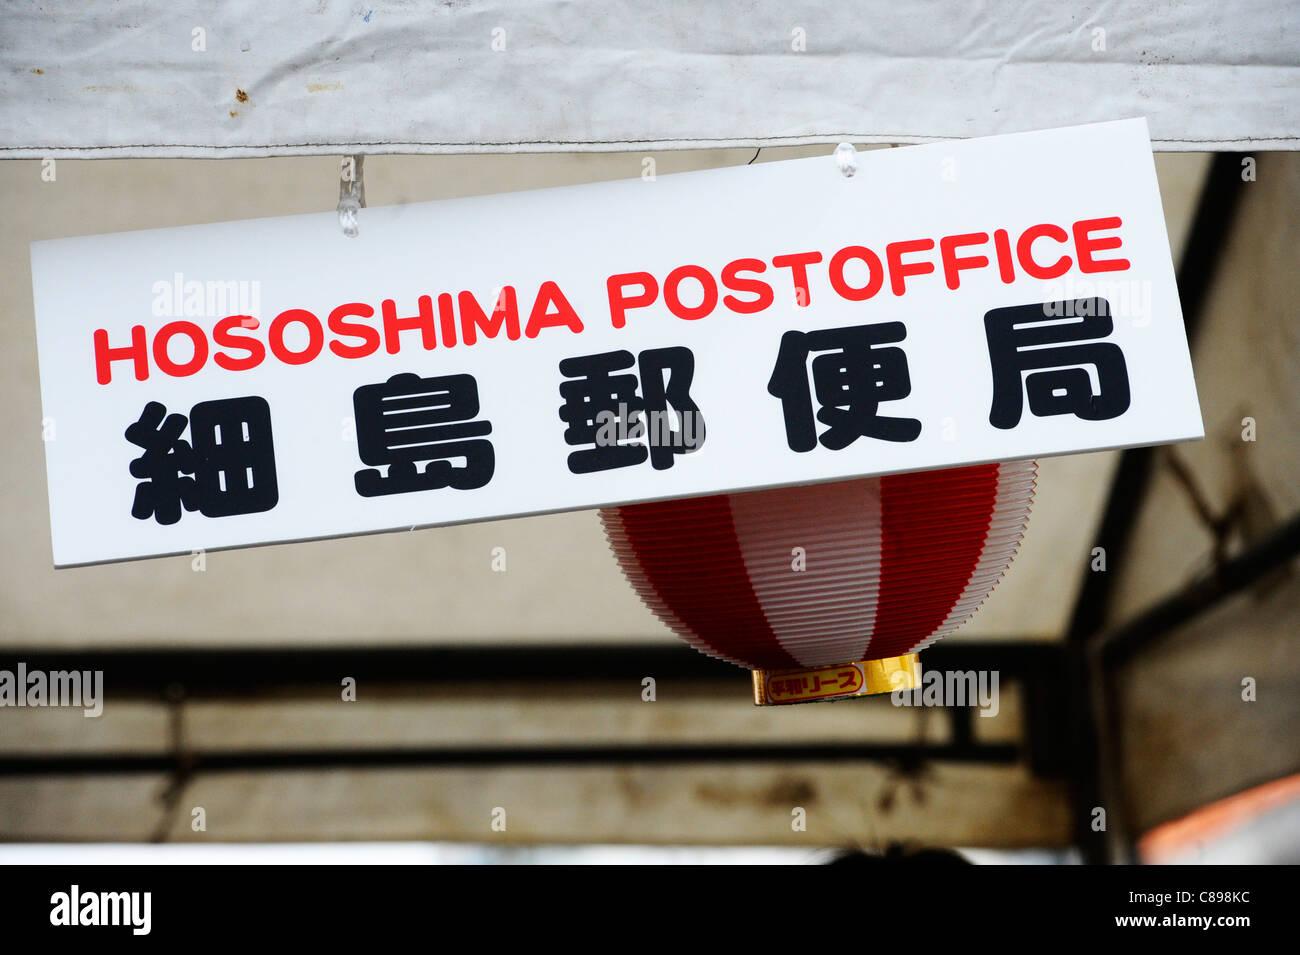 Hososhima post office sign at Hyuga, Miyazaki, Japan. - Stock Image